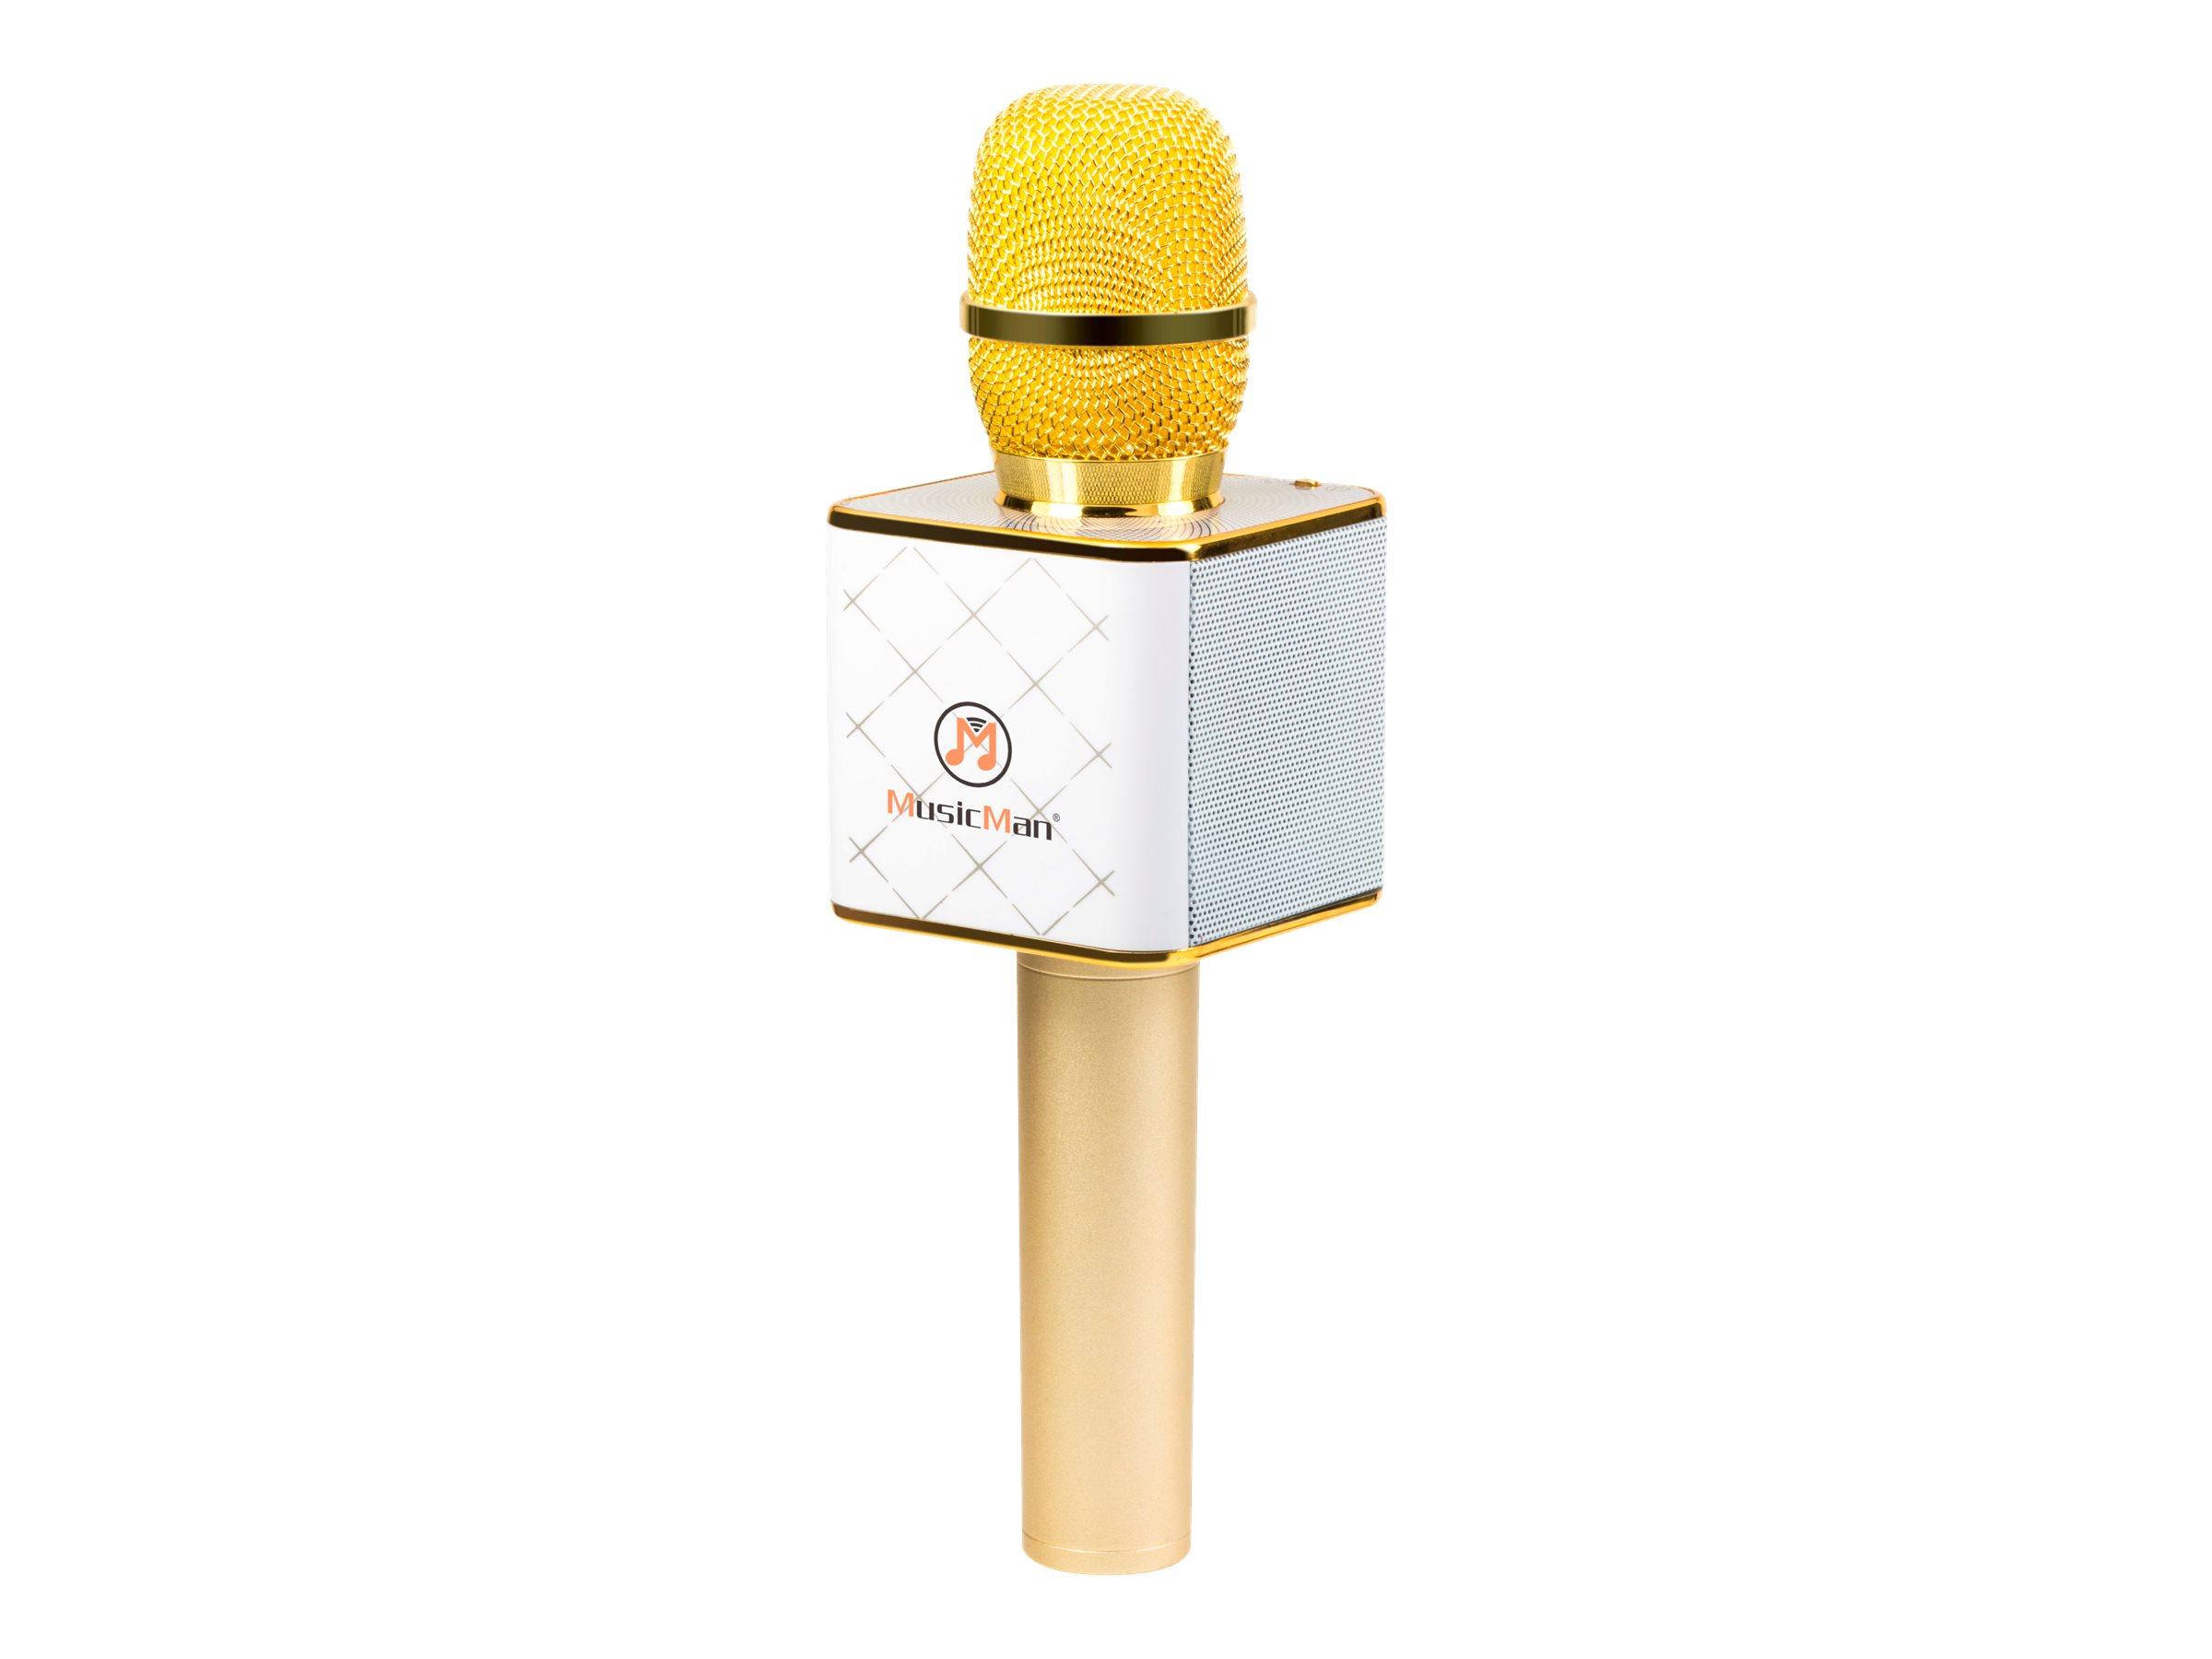 Technaxx musicman bt x31 mikrofon weiss gold 7365398 4685